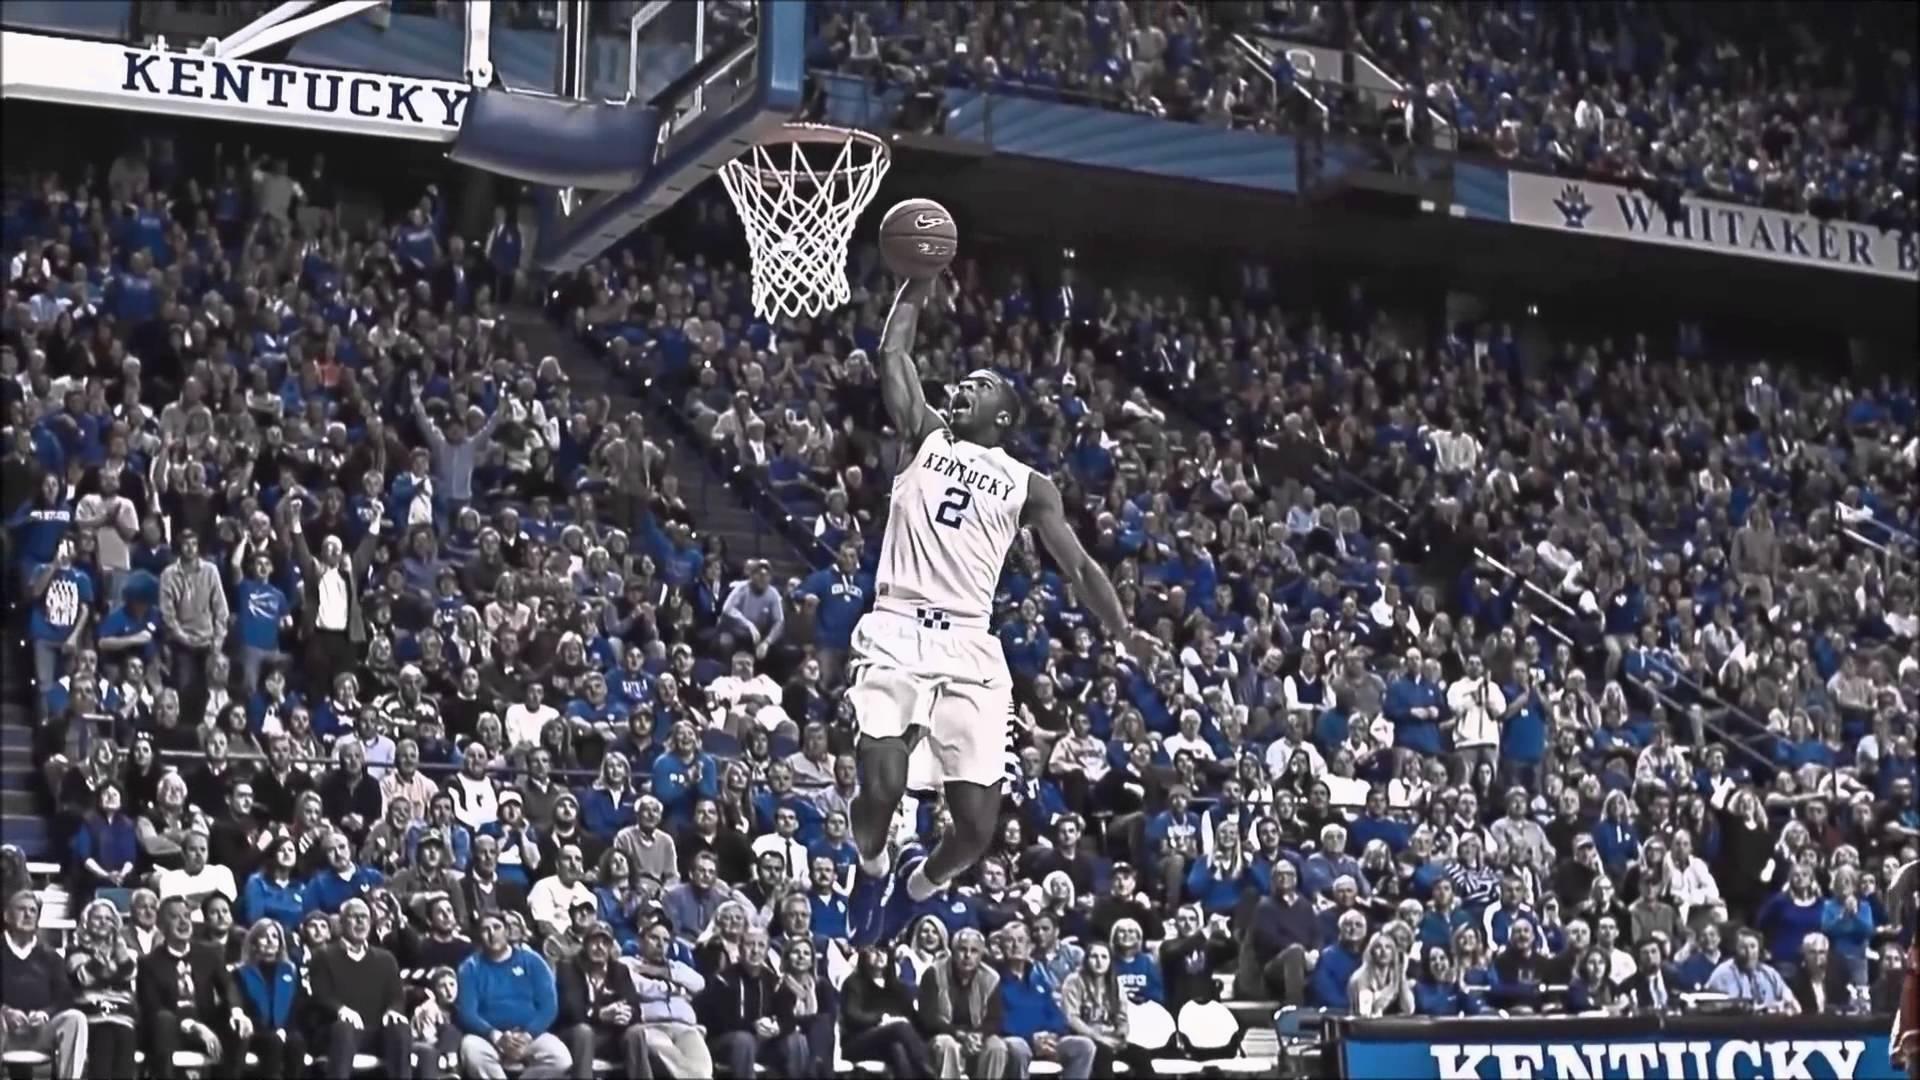 Uk Basketball Wallpaper 1600 1236 Kentucky Basketball Wallpapers 47 Wallpapers Basketball Wallpaper Kentucky Wildcats Basketball Wallpaper Kentucky Football